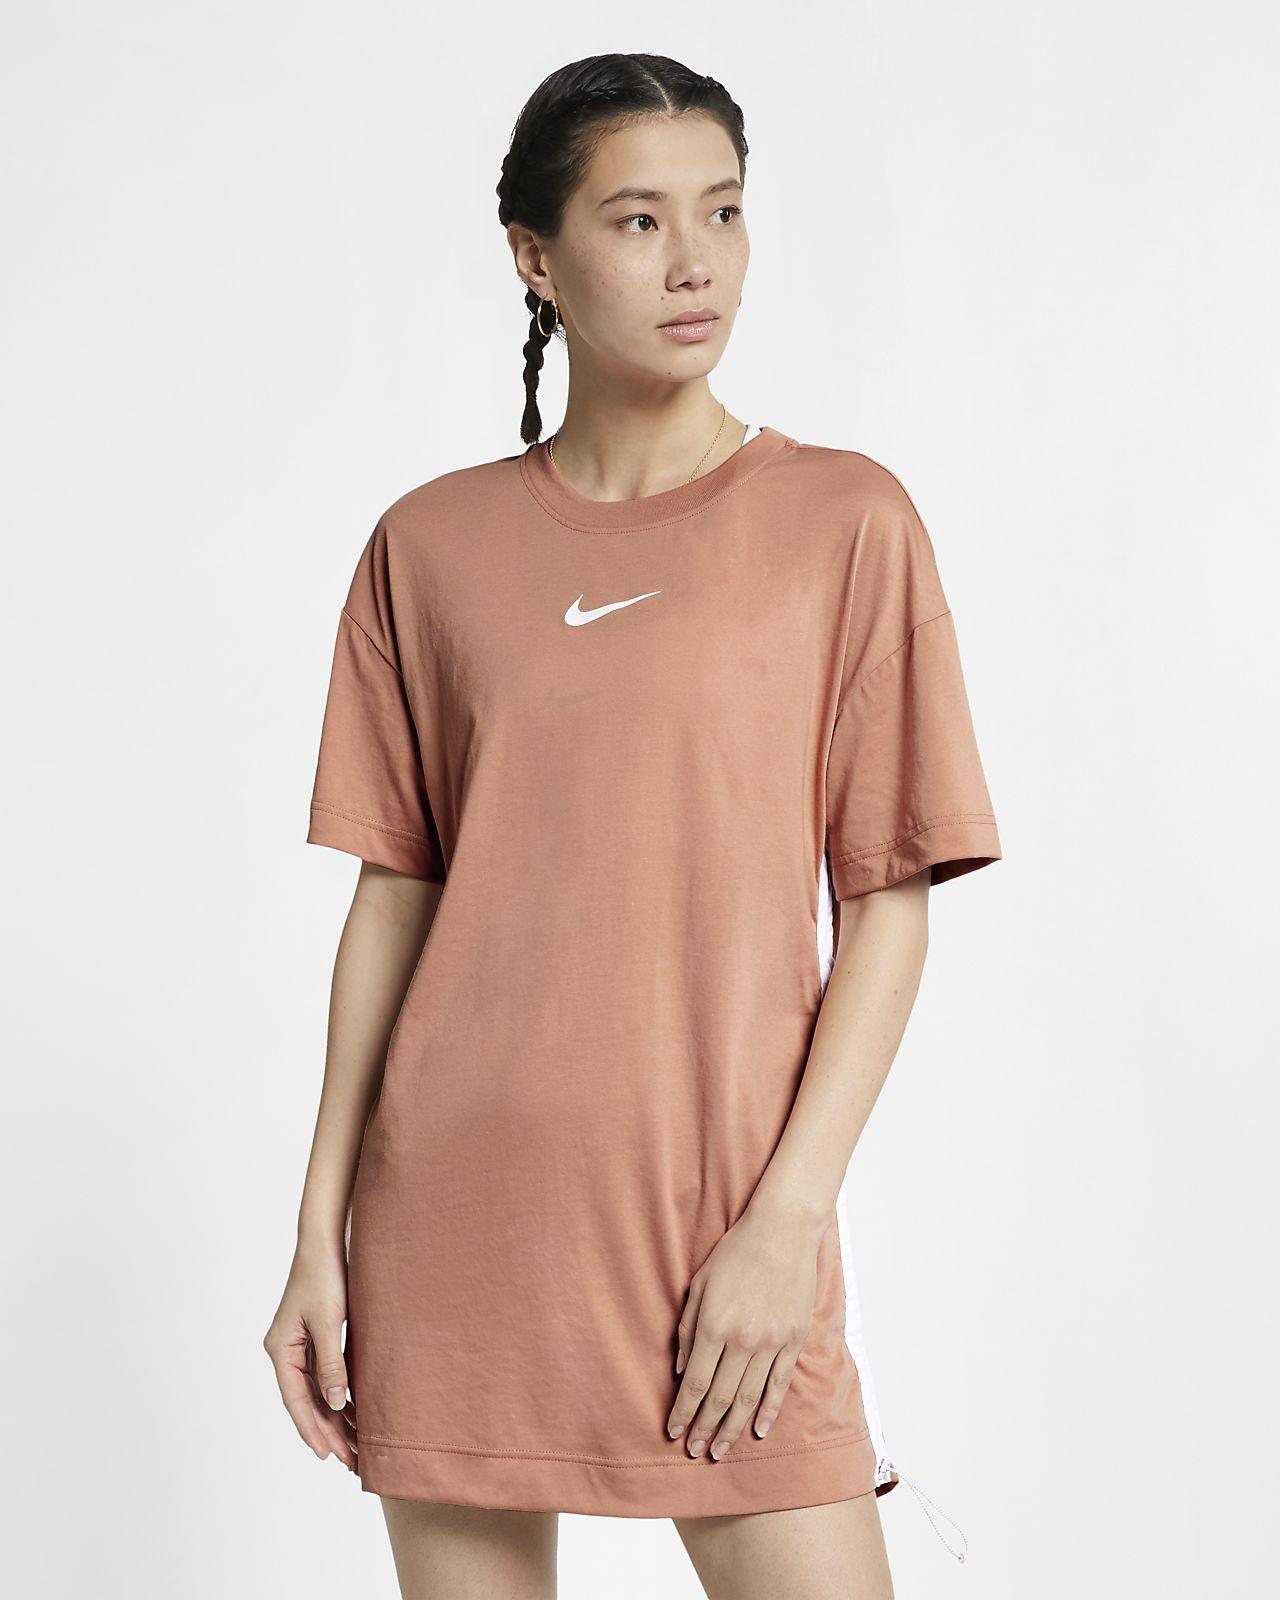 ef75a2c1925b Abito Nike Sportswear Swoosh - Donna. Nike.com CH